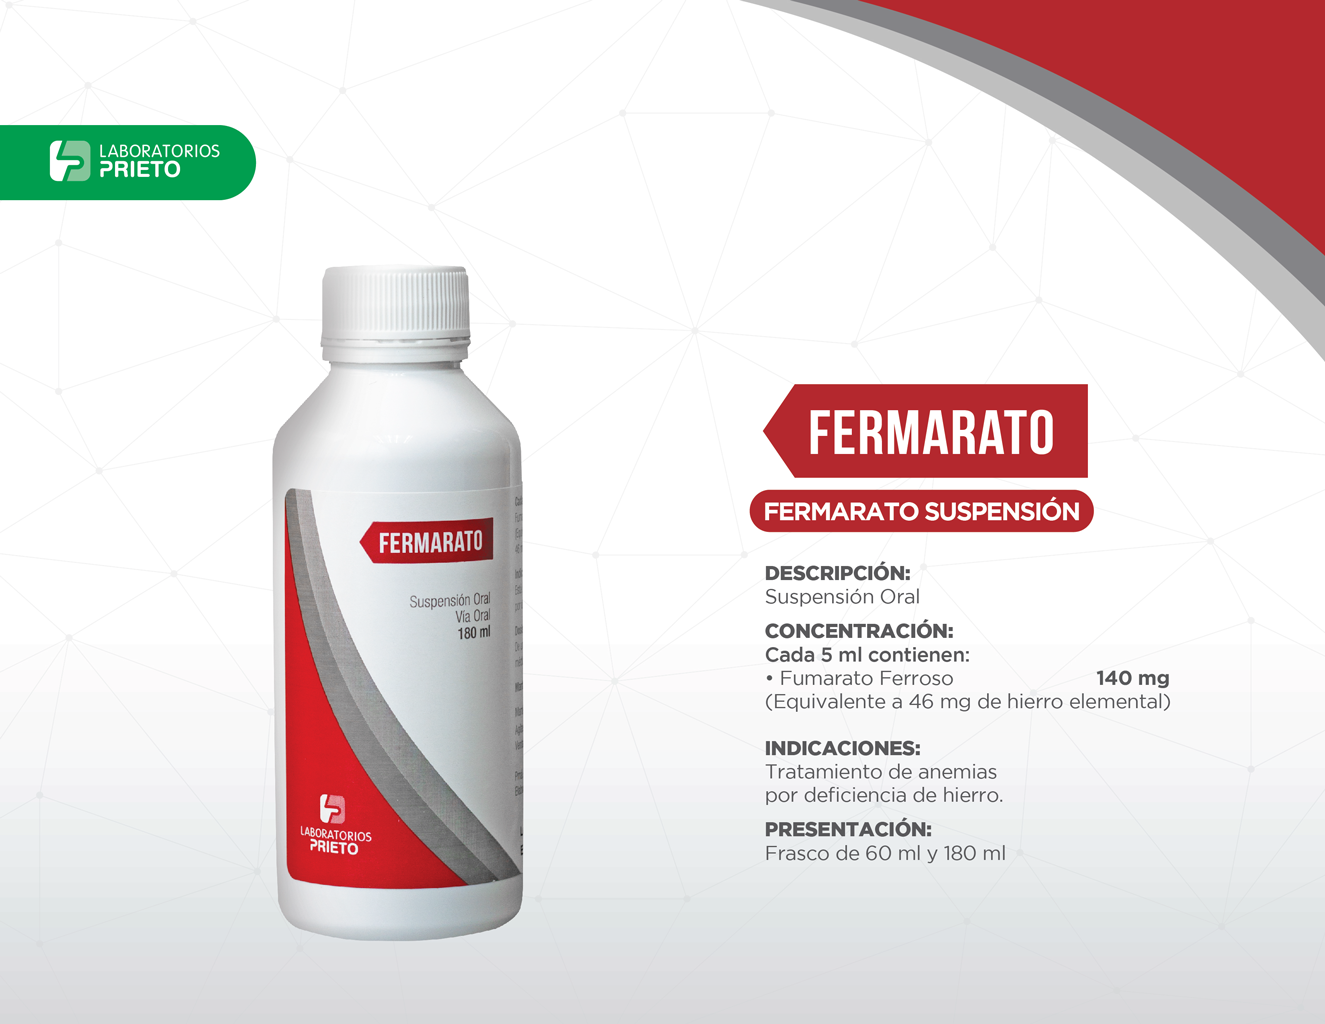 Vademecum-de-productos-Laboratorios-Prieto_Page_26